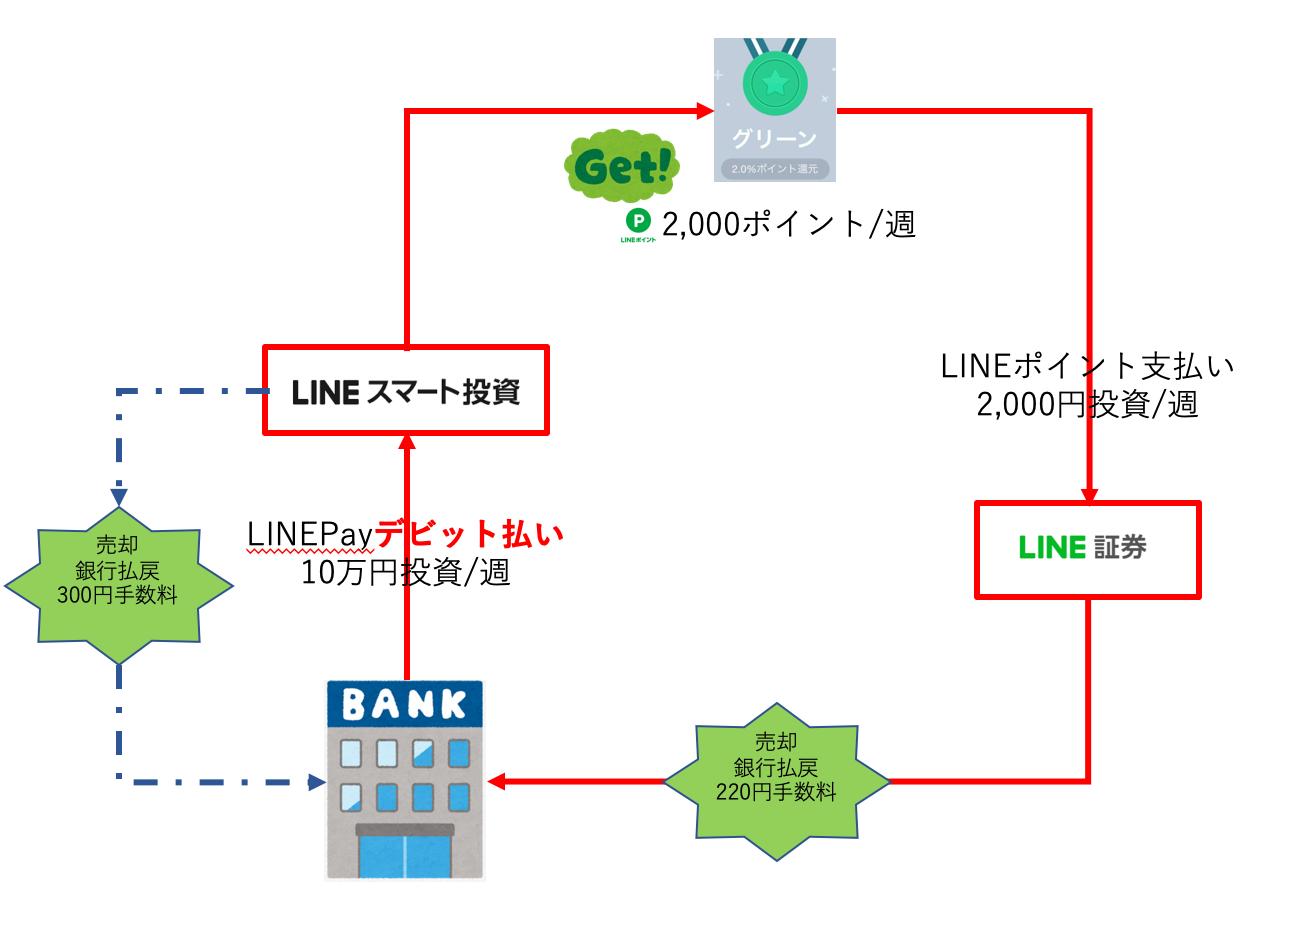 LINEポイント,LINE証券,LINEスマート投資